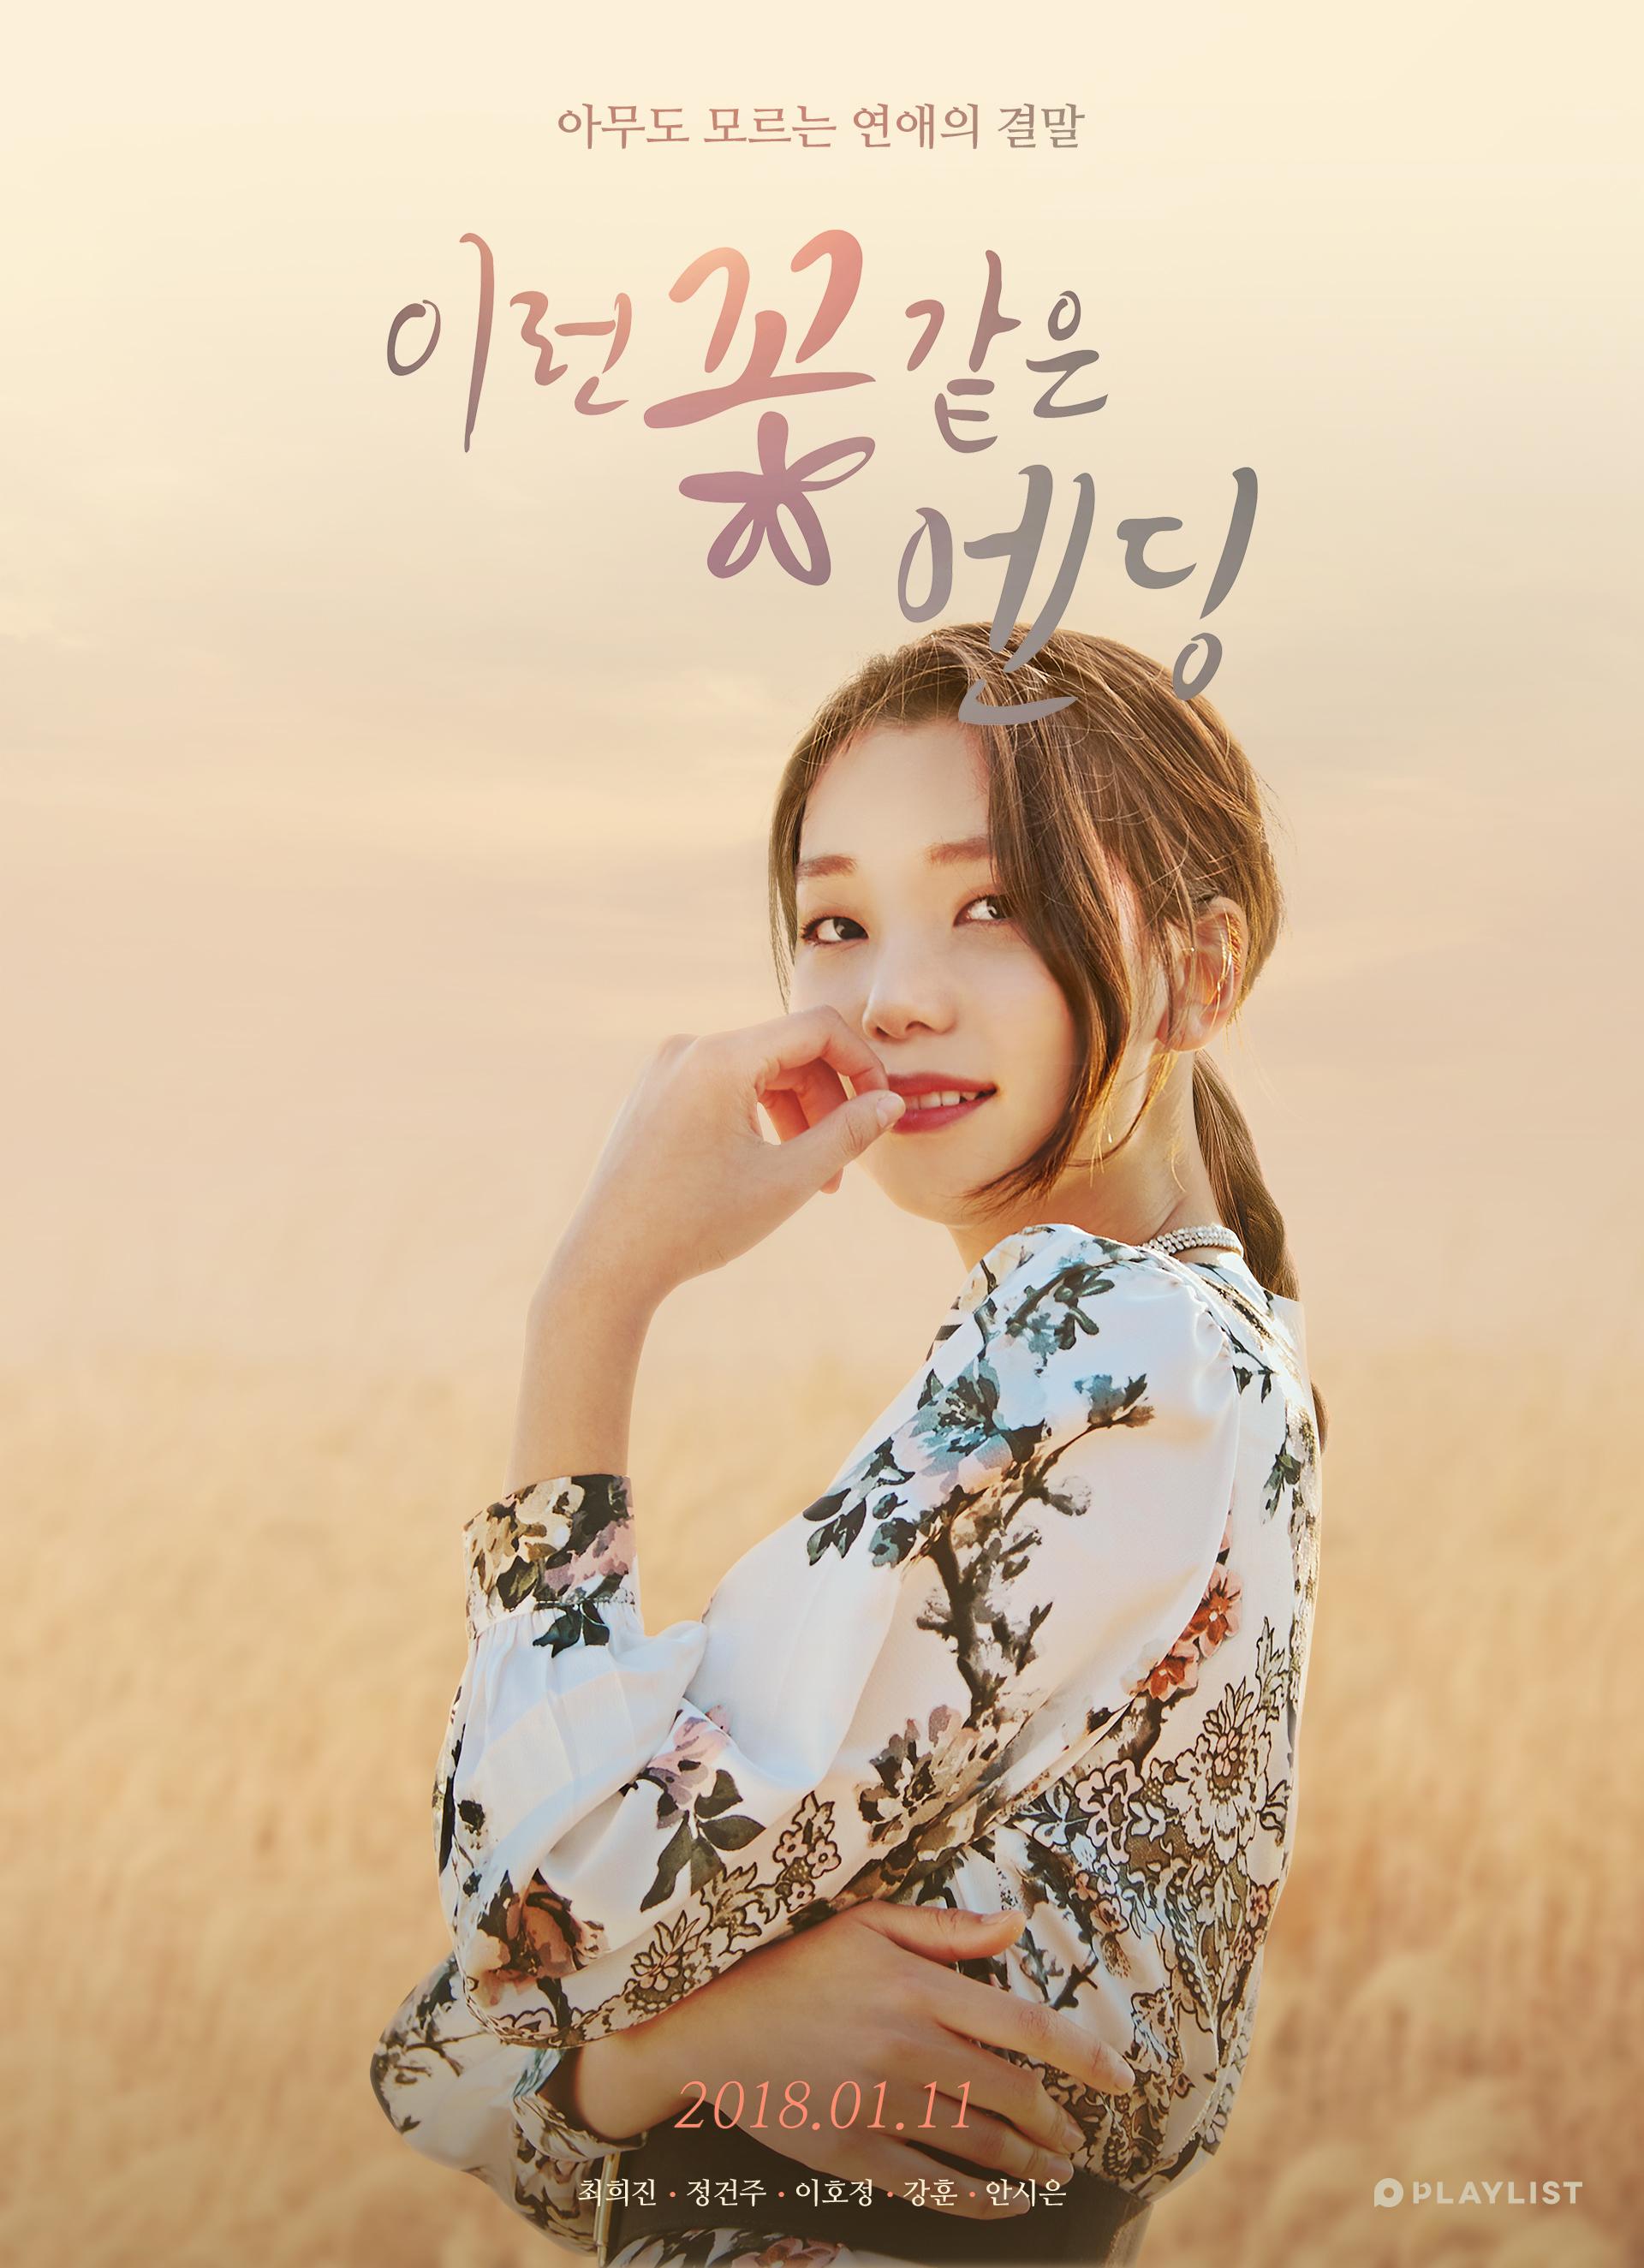 '꽃엔딩' 이호정 단독 포스터 공개! 한층 성숙한 모습에 다채로운 매력 기대